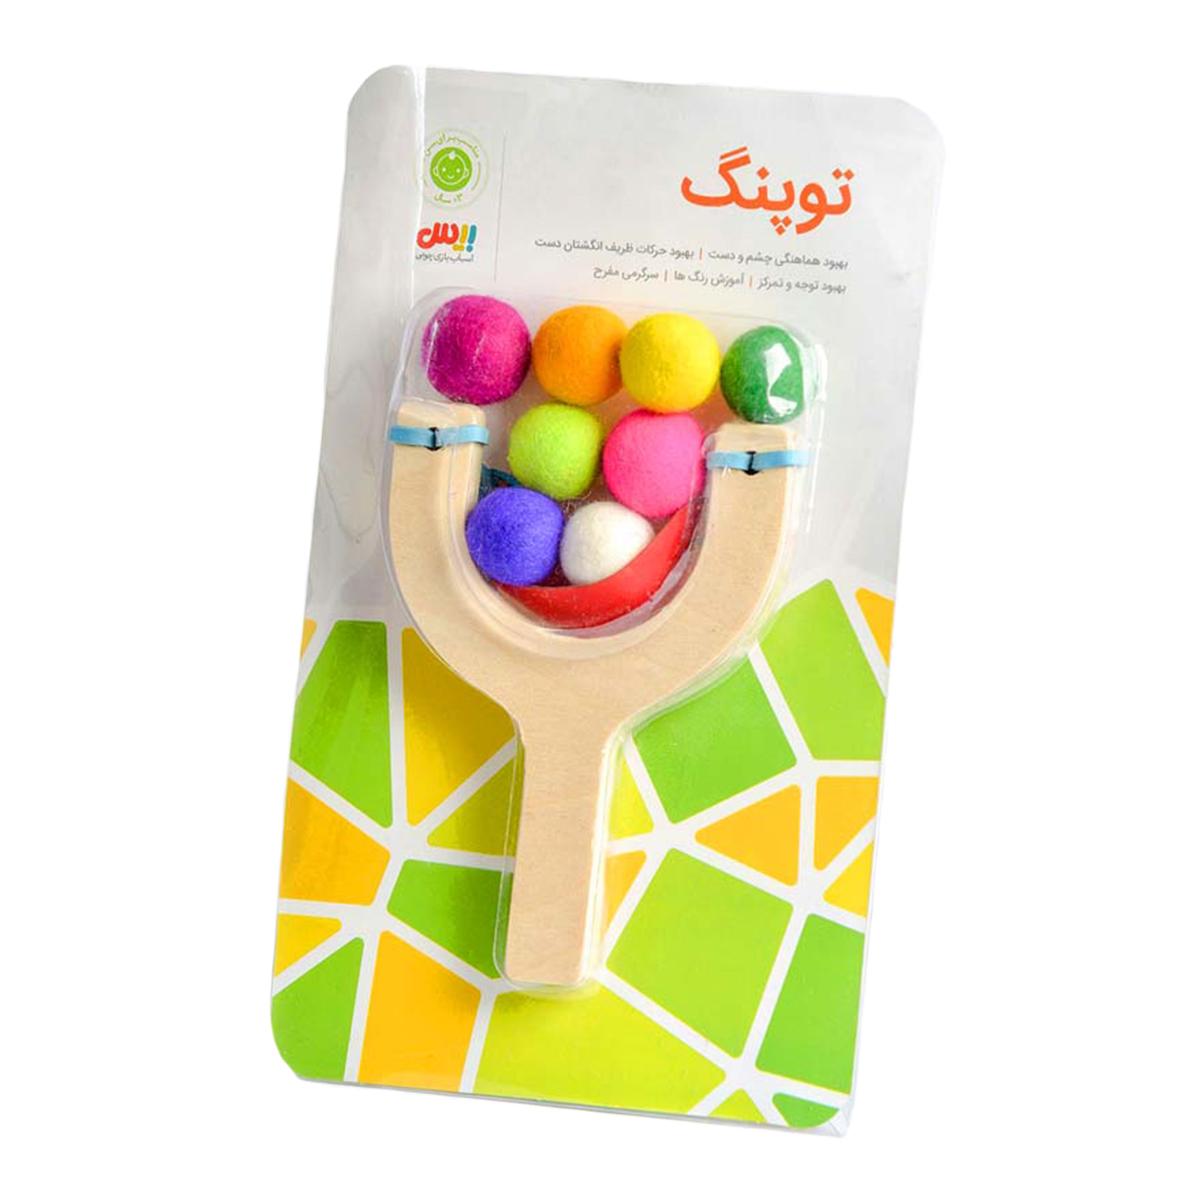 اسباب بازی بیس مدل توپنگ کد 55